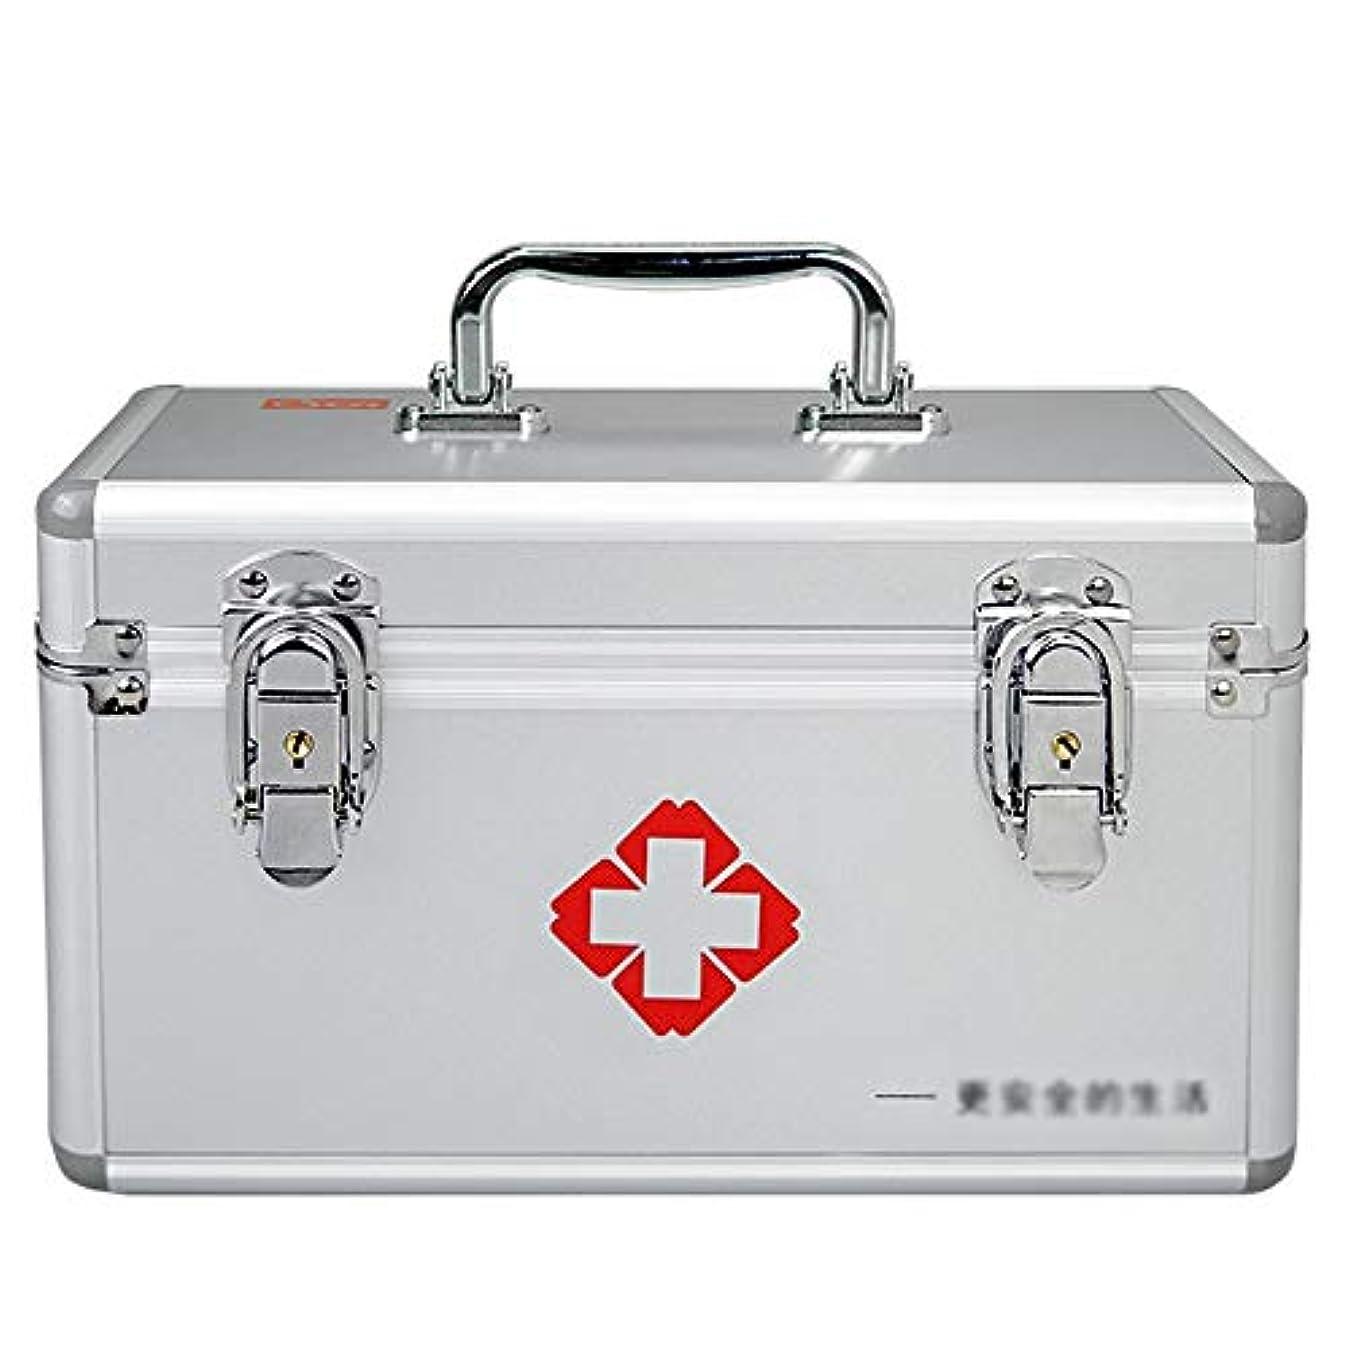 ドラッグ収納ボックス 医療ボックス - アルミプラスチックパネルアルミ合金フレーム材料、家庭用薬ボックス多層薬収納ボックス子供薬ボックス緊急医療ボックス - 3サイズオプション (サイズ さいず : 28*18*17cm)